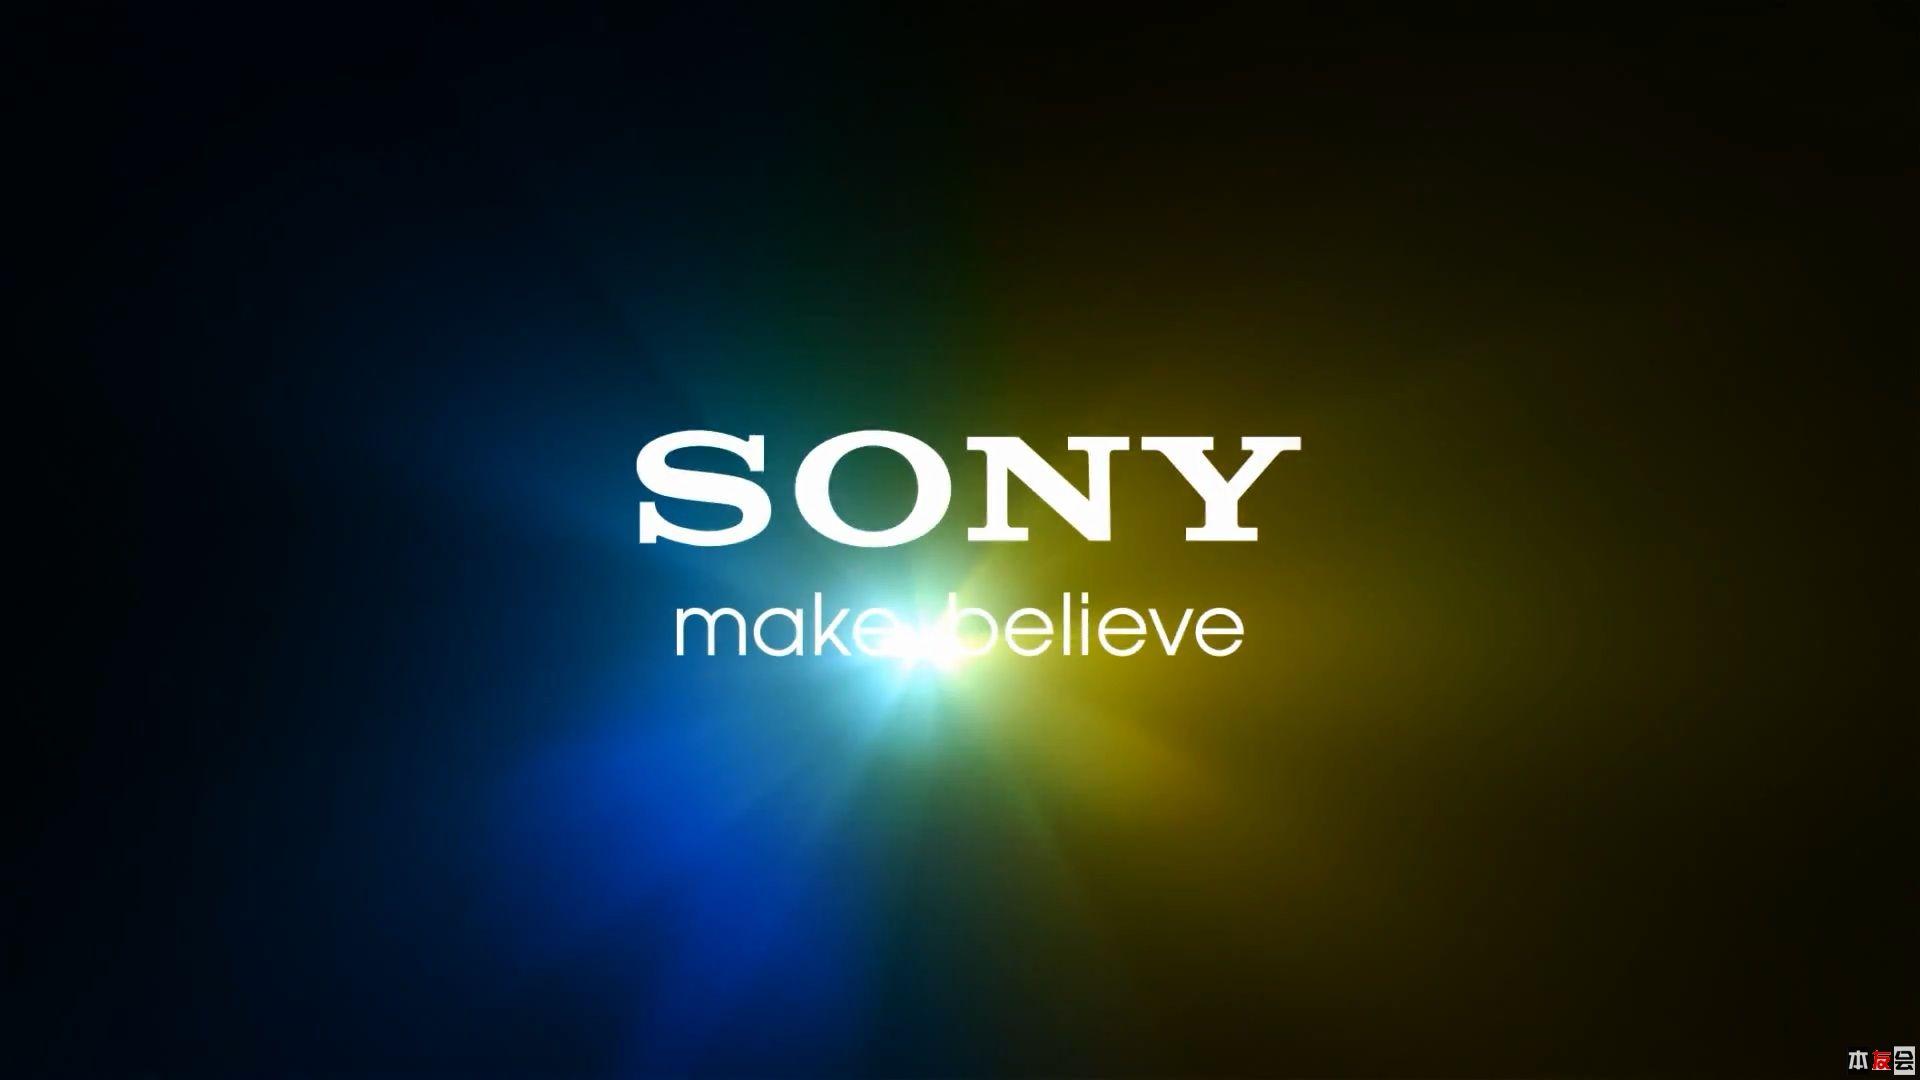 個人收集的索尼官方壁紙,OEM自帶vaio主題的壁紙就無視吧.. 接觸索尼的產品也些年頭了,很早以前家里的那套音響(具體型號忘了)就是我第一次接觸索尼的產品。。接著讀書時候的隨身聽(裝磁帶那種),后來相機,電視...到現在的VAIO。。每個品牌都自己獨有的一種文化風韻。。 現在國內山寨的太多了,國產品牌已經失去本身自我的一種認識,抄襲已經成為他們的本質,雖然你能模仿國外熱銷品牌的外形,但你能模仿出人家的獨有文化底蘊么?